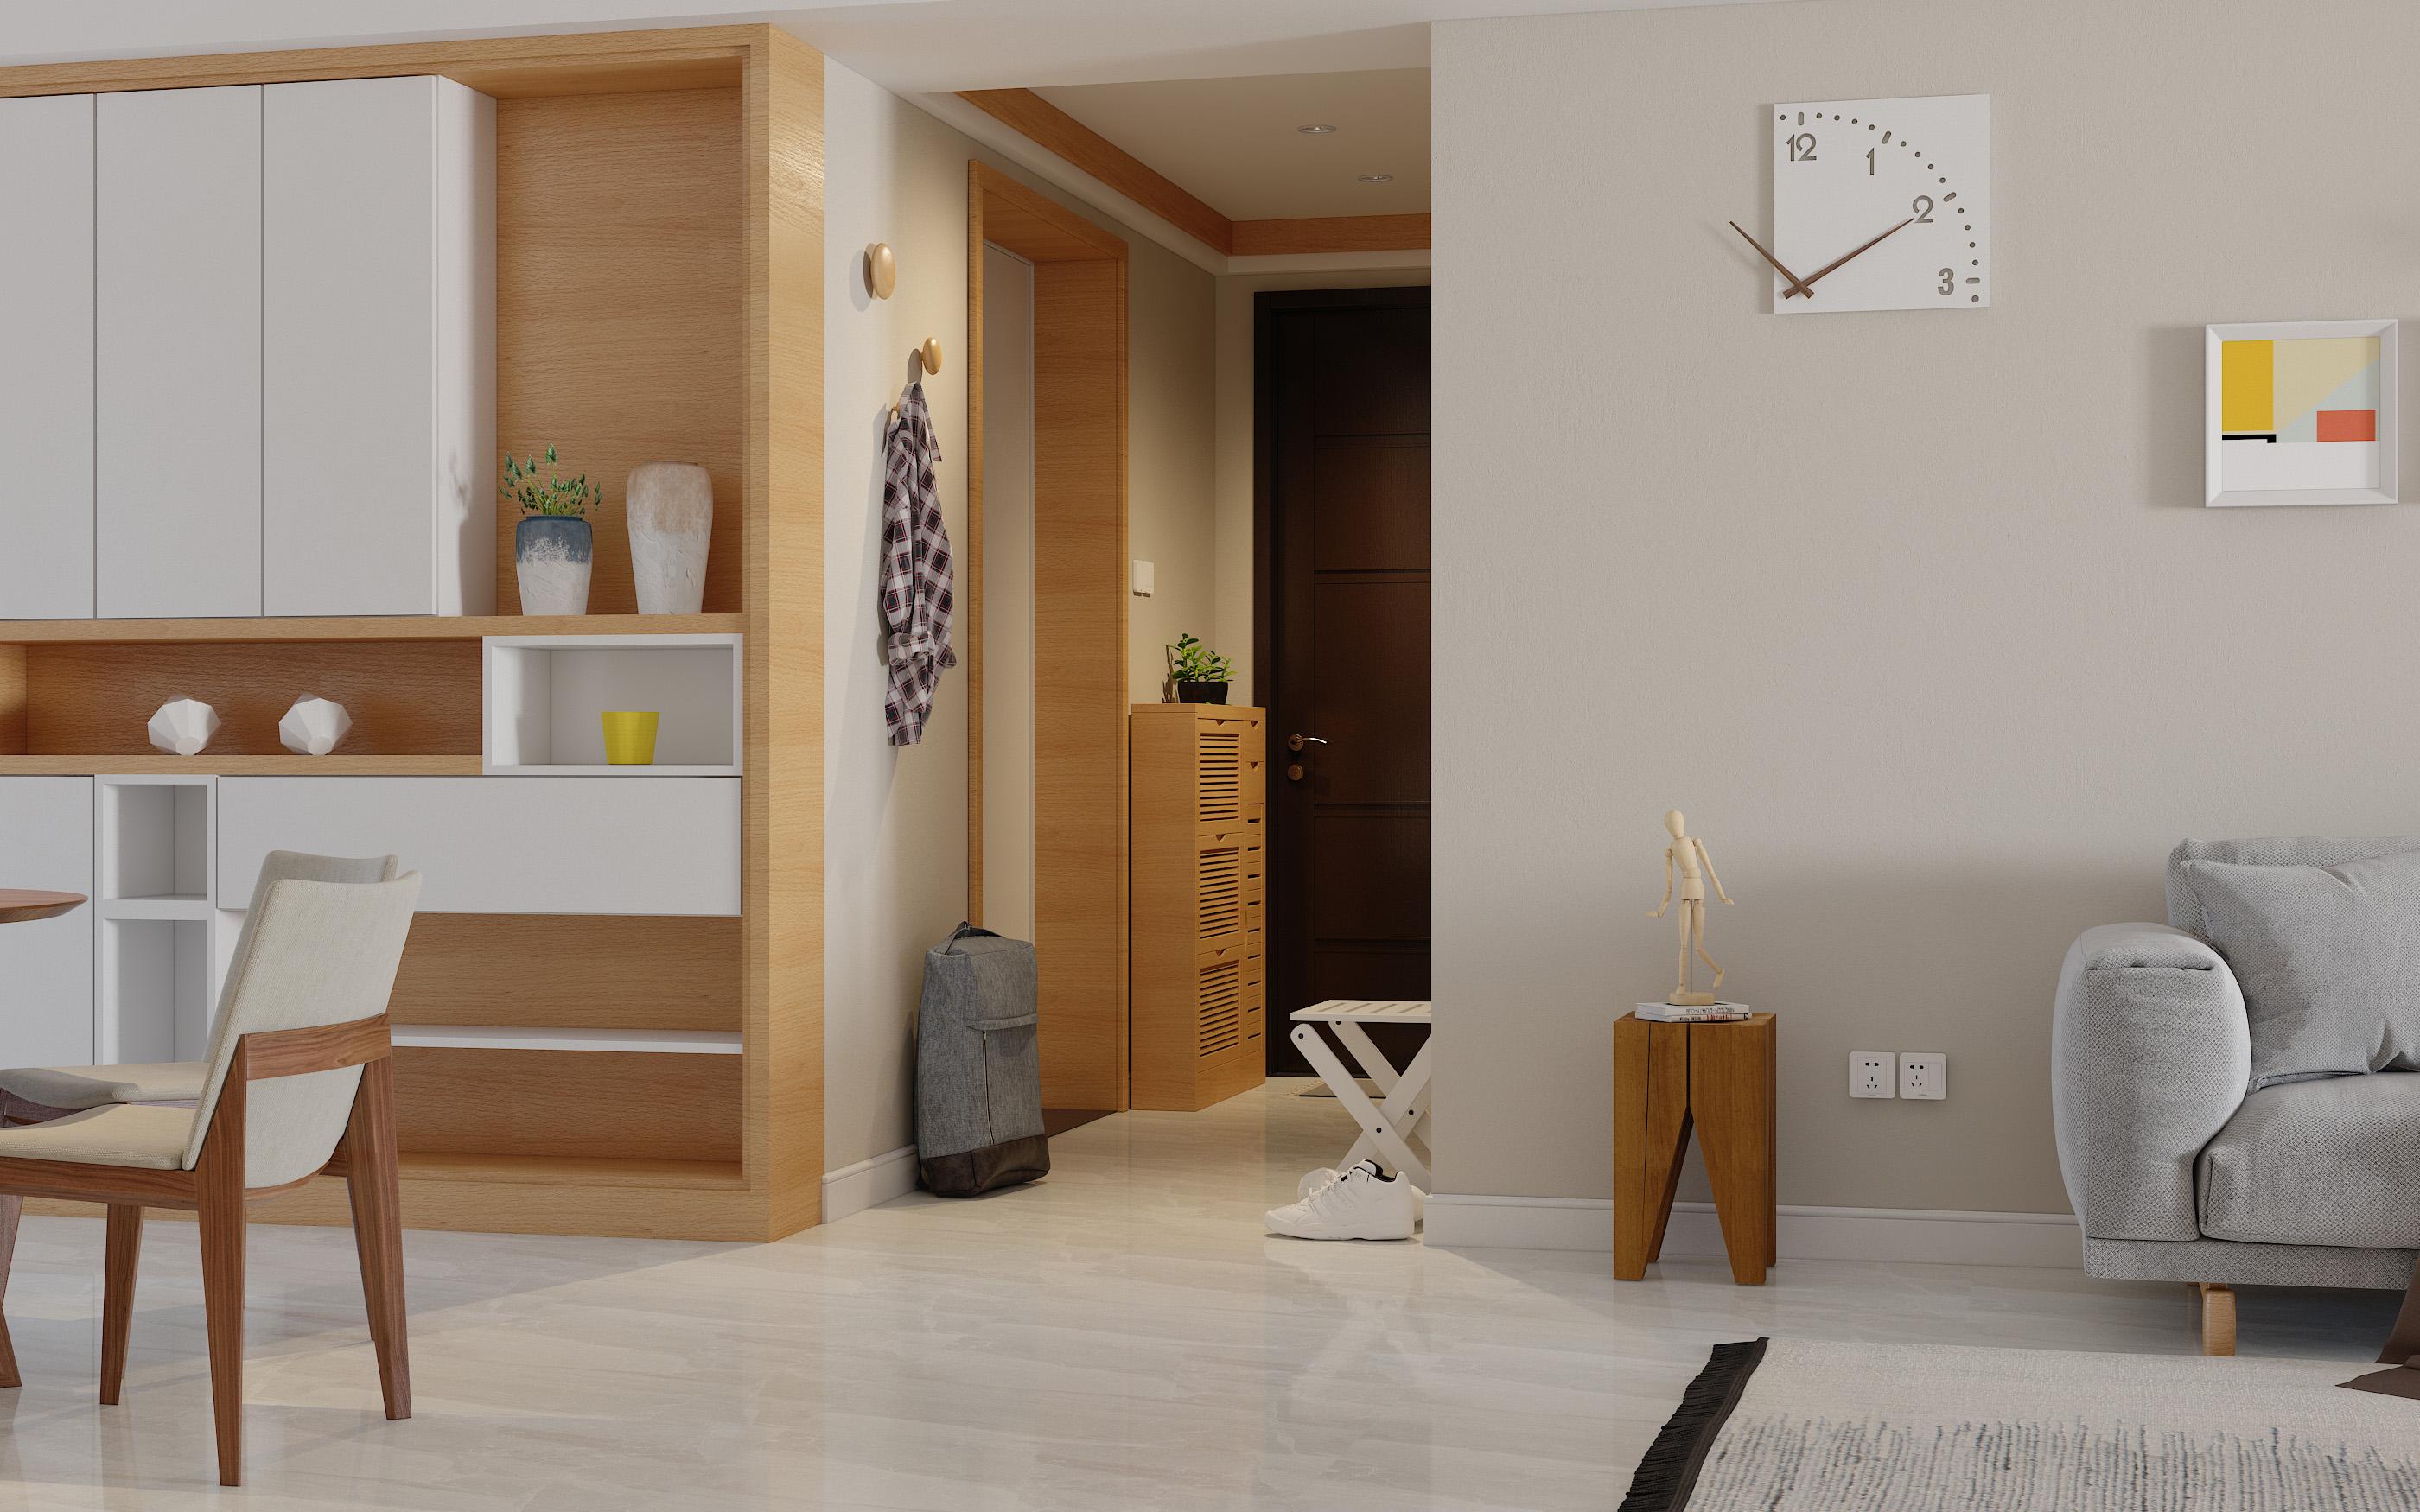 北欧日式小户型风格家装修设计效果图3D全屋原创定制资深设计师